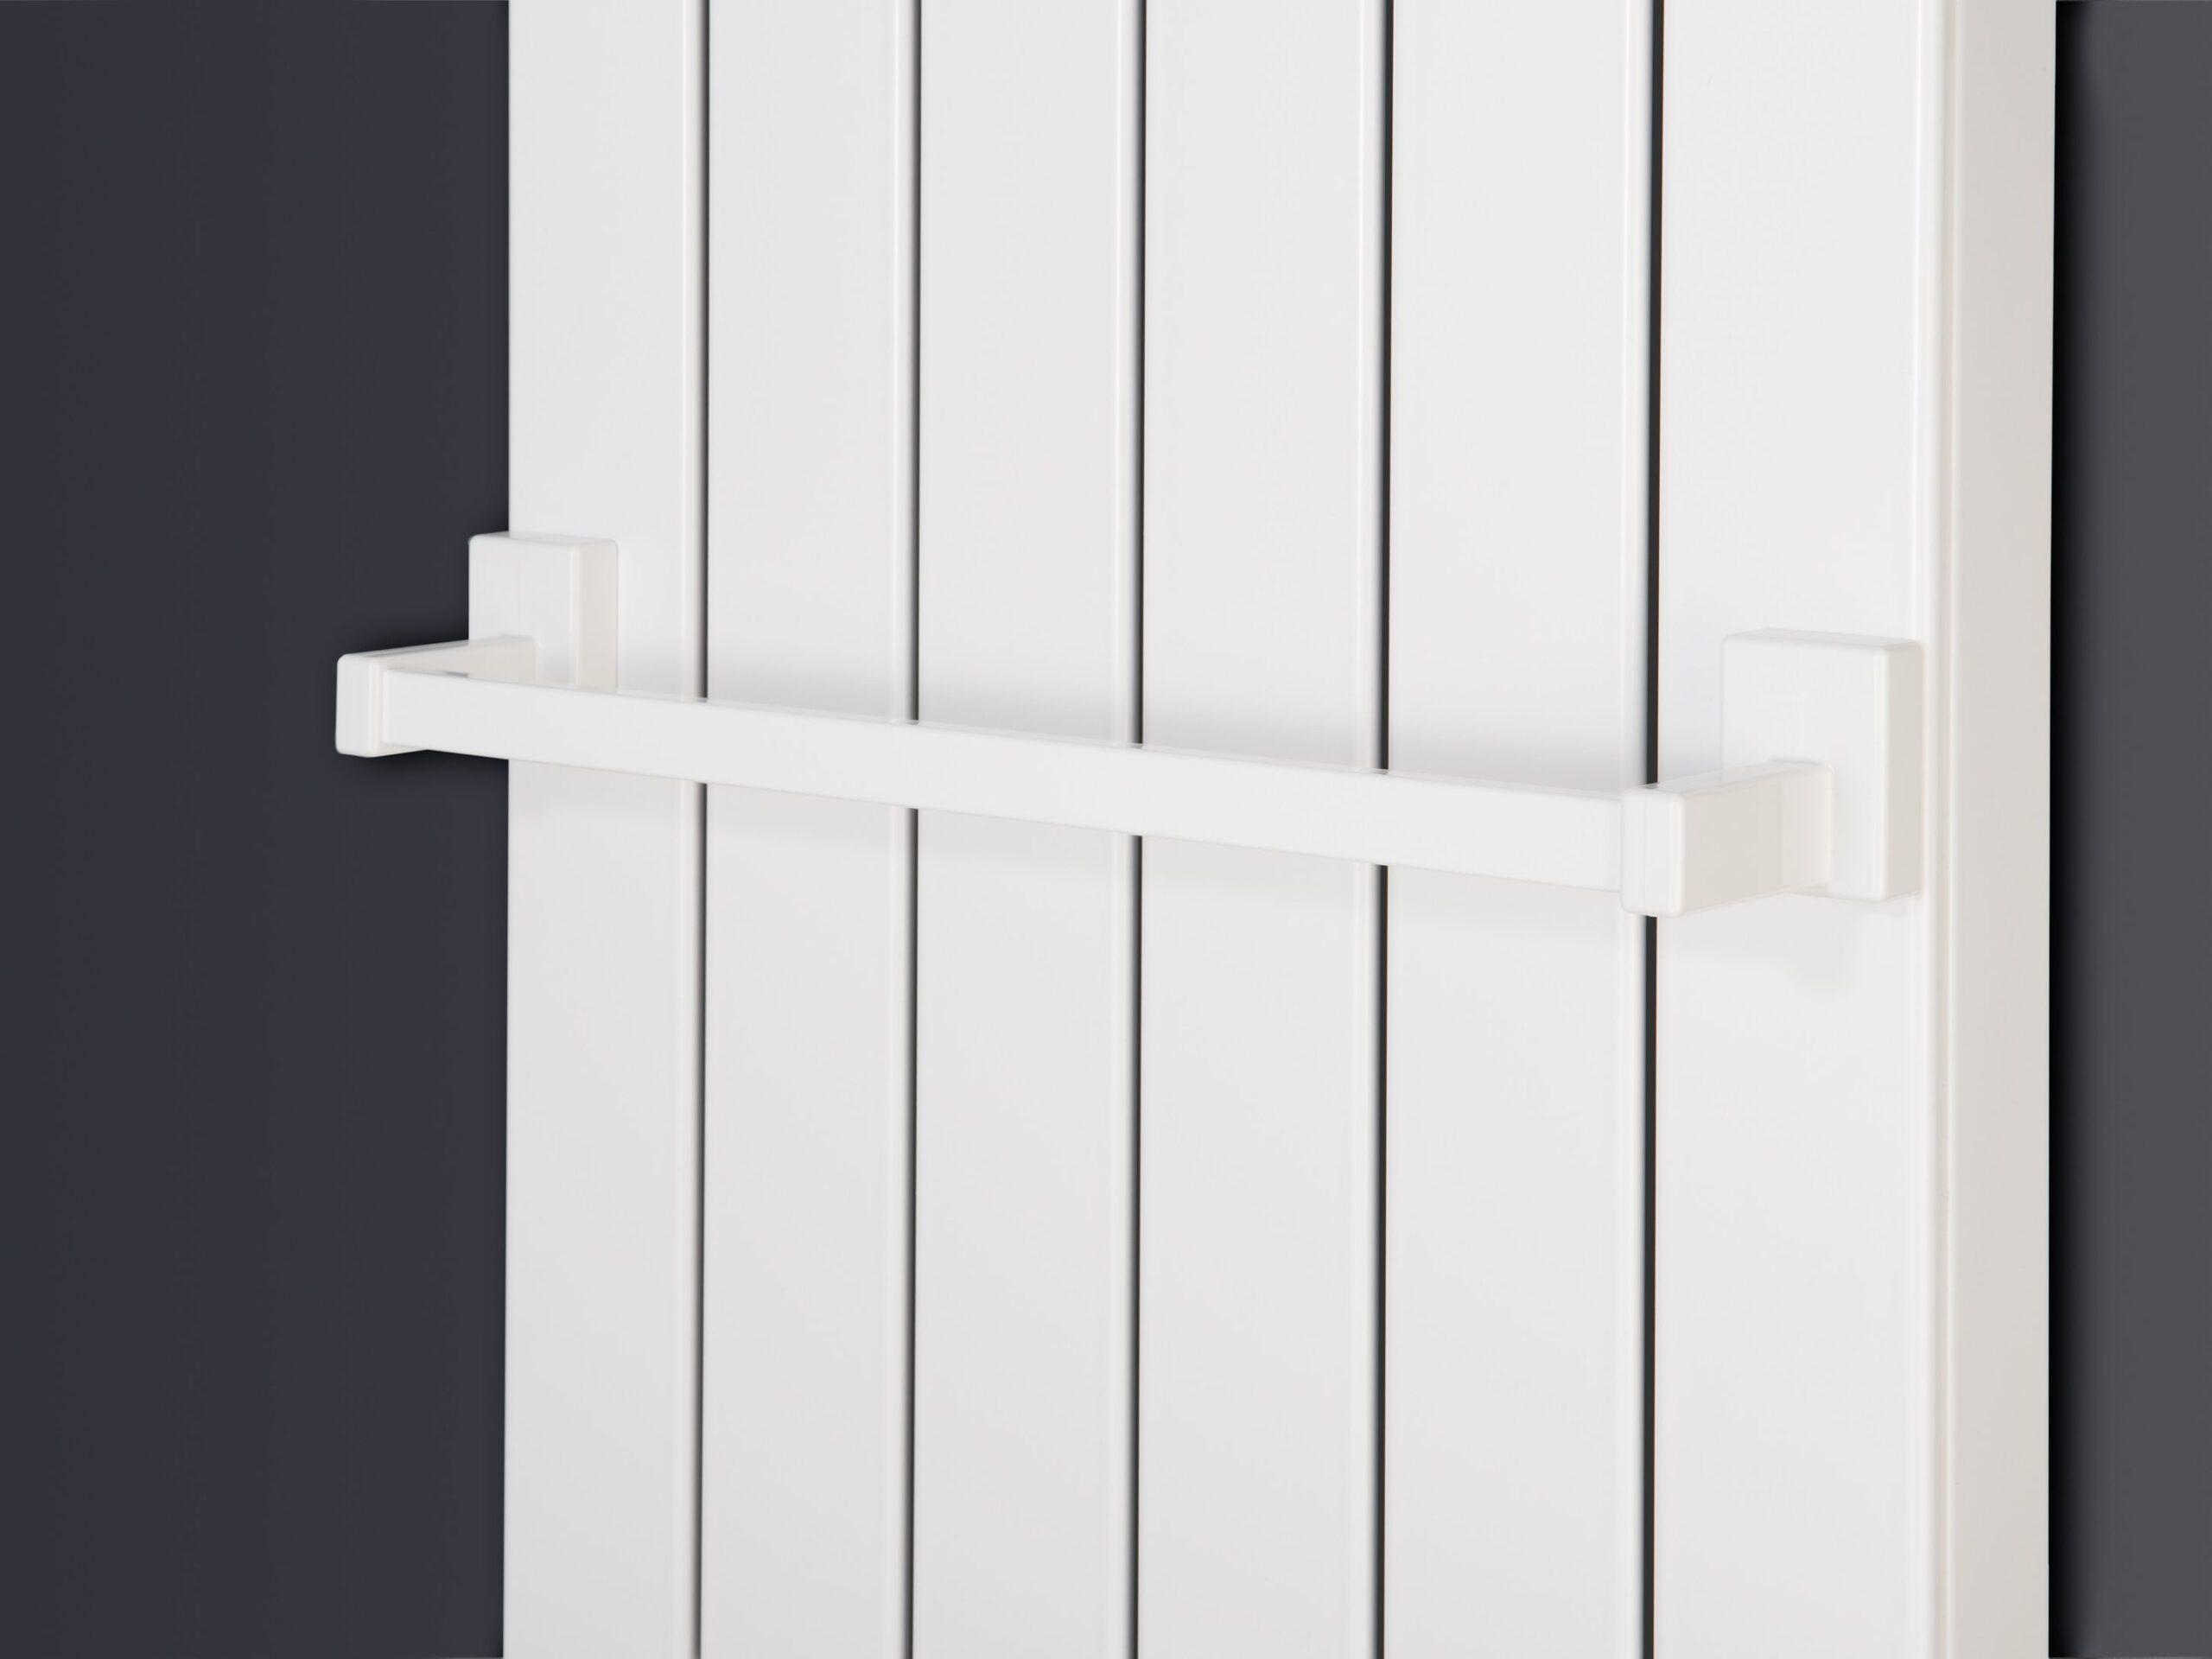 Full Size of Magnetischer Handtuchhalter Fr Badheizkrper Bad Design Heizung Heizkörper Badezimmer Wohnzimmer Elektroheizkörper Küche Für Wohnzimmer Handtuchhalter Heizkörper